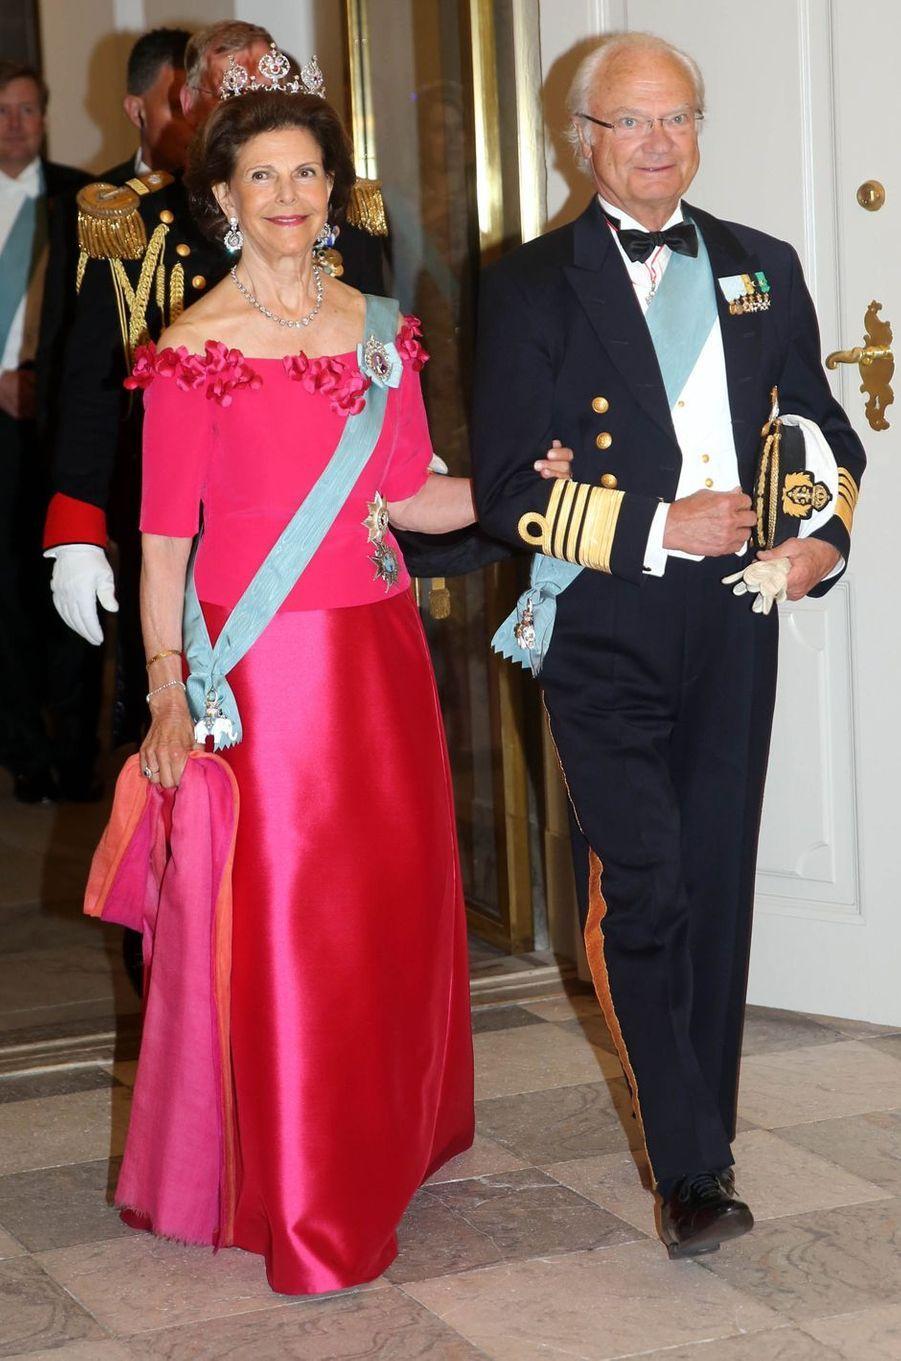 La reine Silvia et le roi Carl XVI Gustaf de Suède à Copenhague, le 26 mai 2018